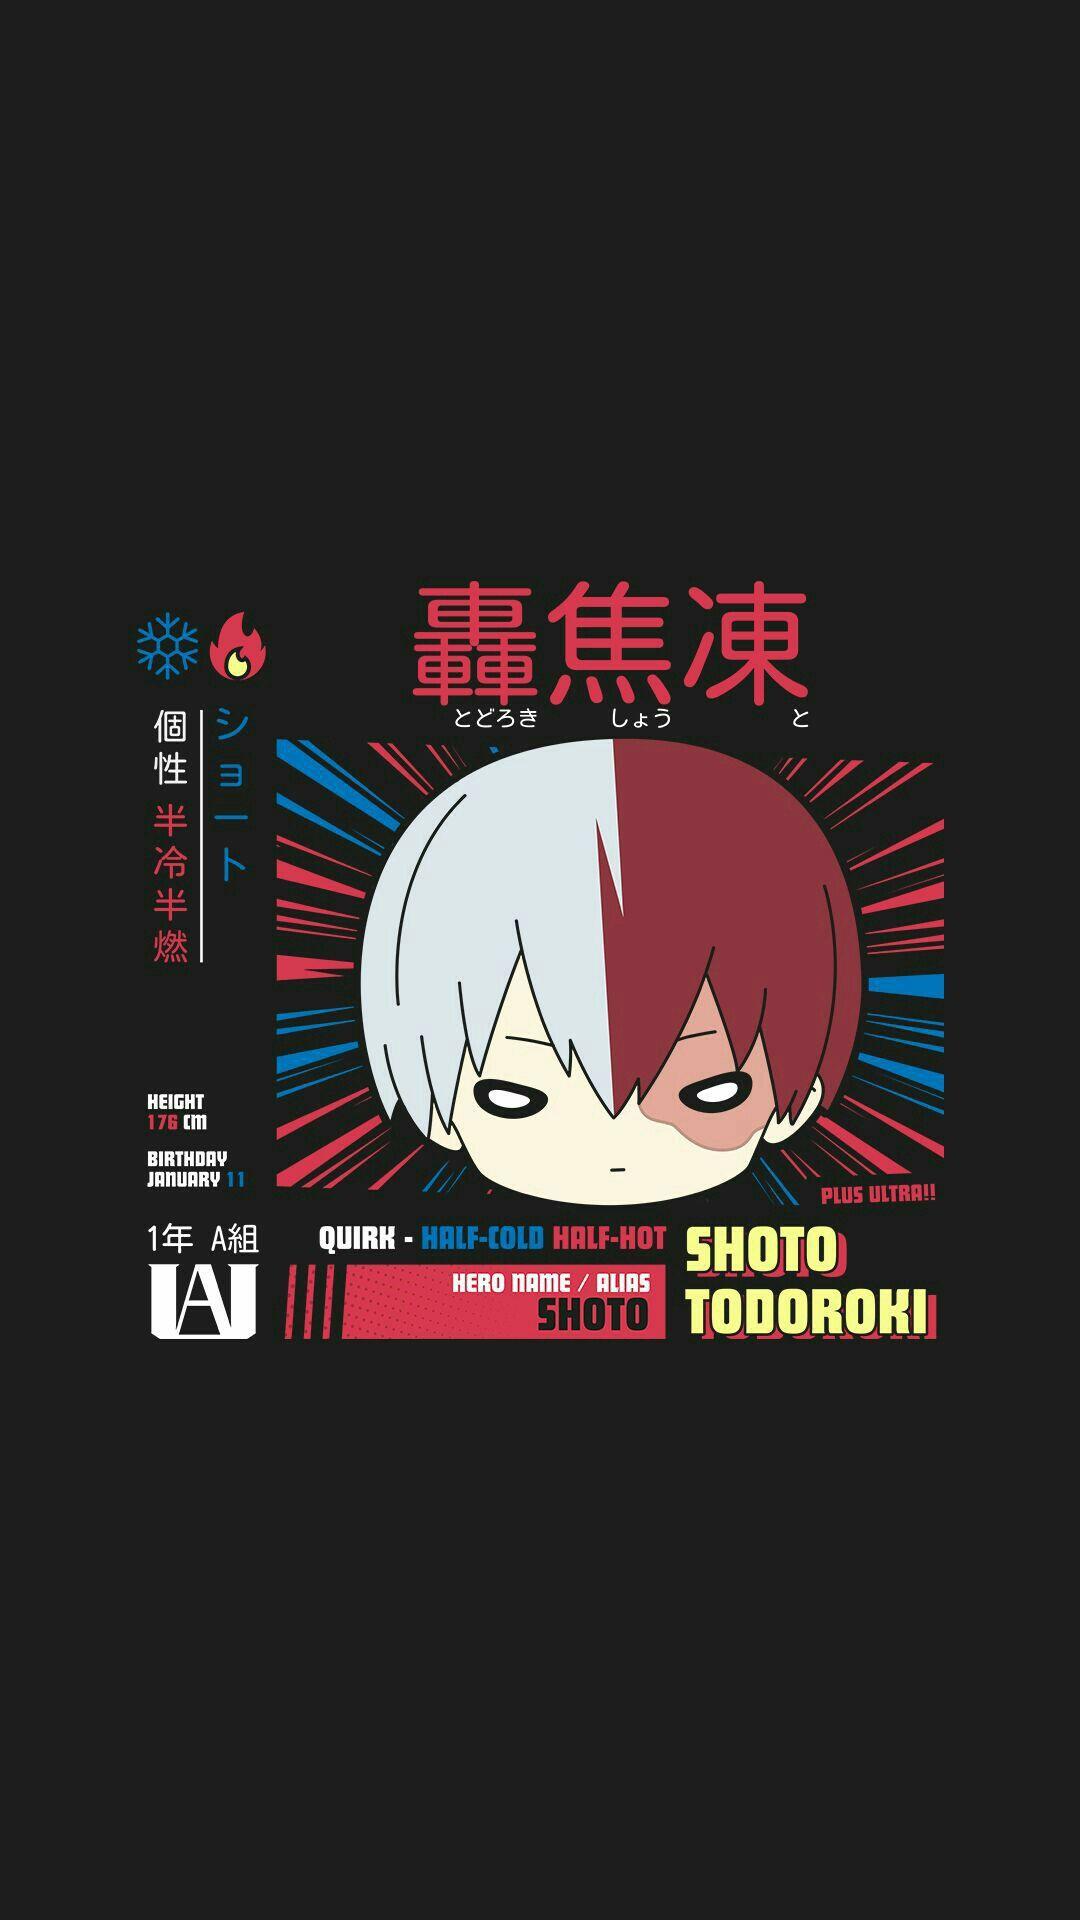 Asupan Bnha In 2021 Cute Anime Wallpaper Anime Wallpaper Iphone Anime Wallpaper